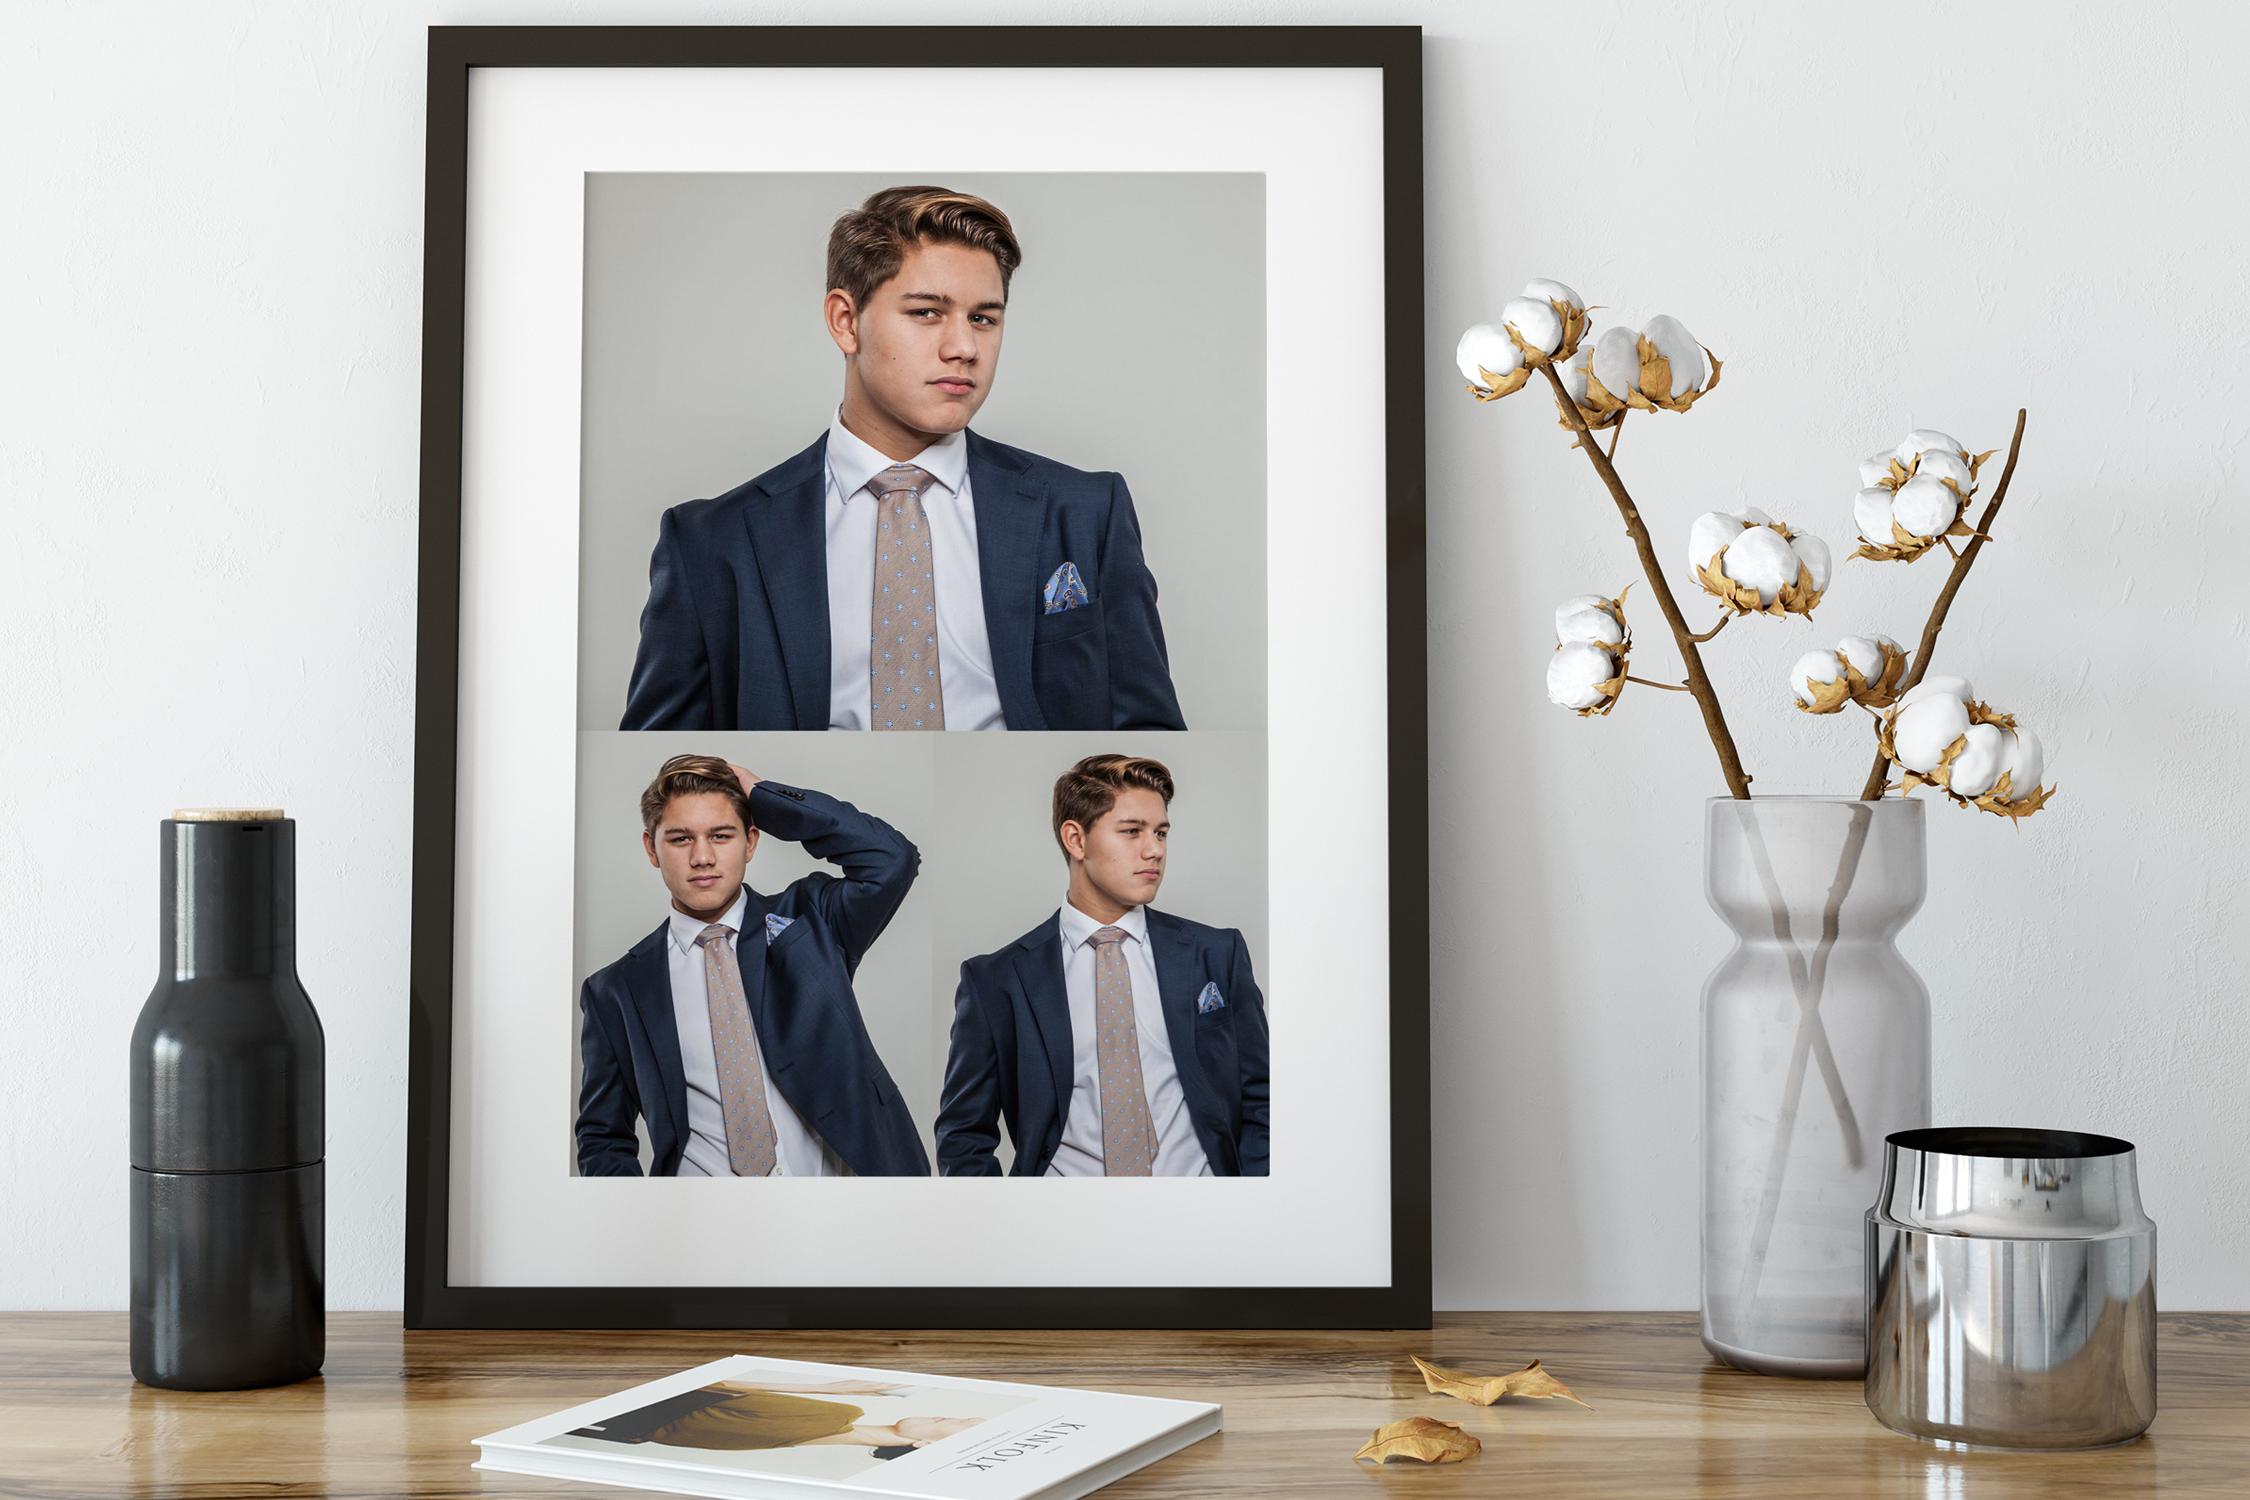 Portrettfotografering av deg, kjære eller konfirmanten